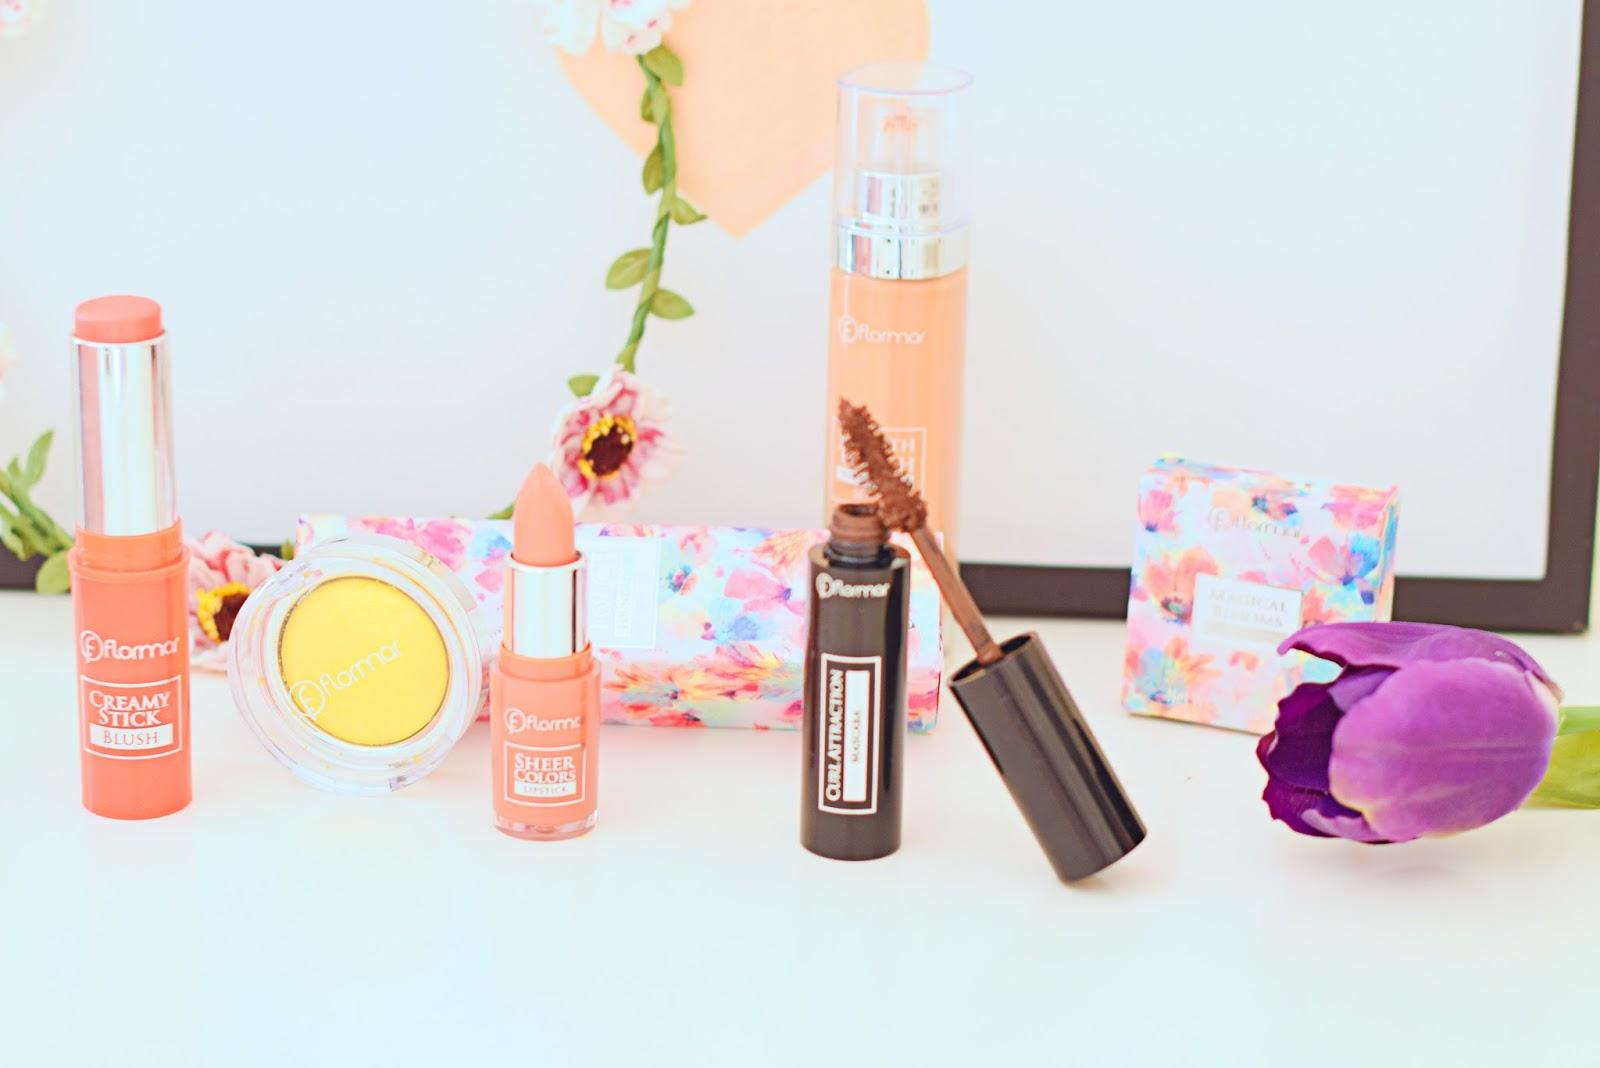 nery hdez, flower tales, flormar, maquillaje primaveral , spring make up,